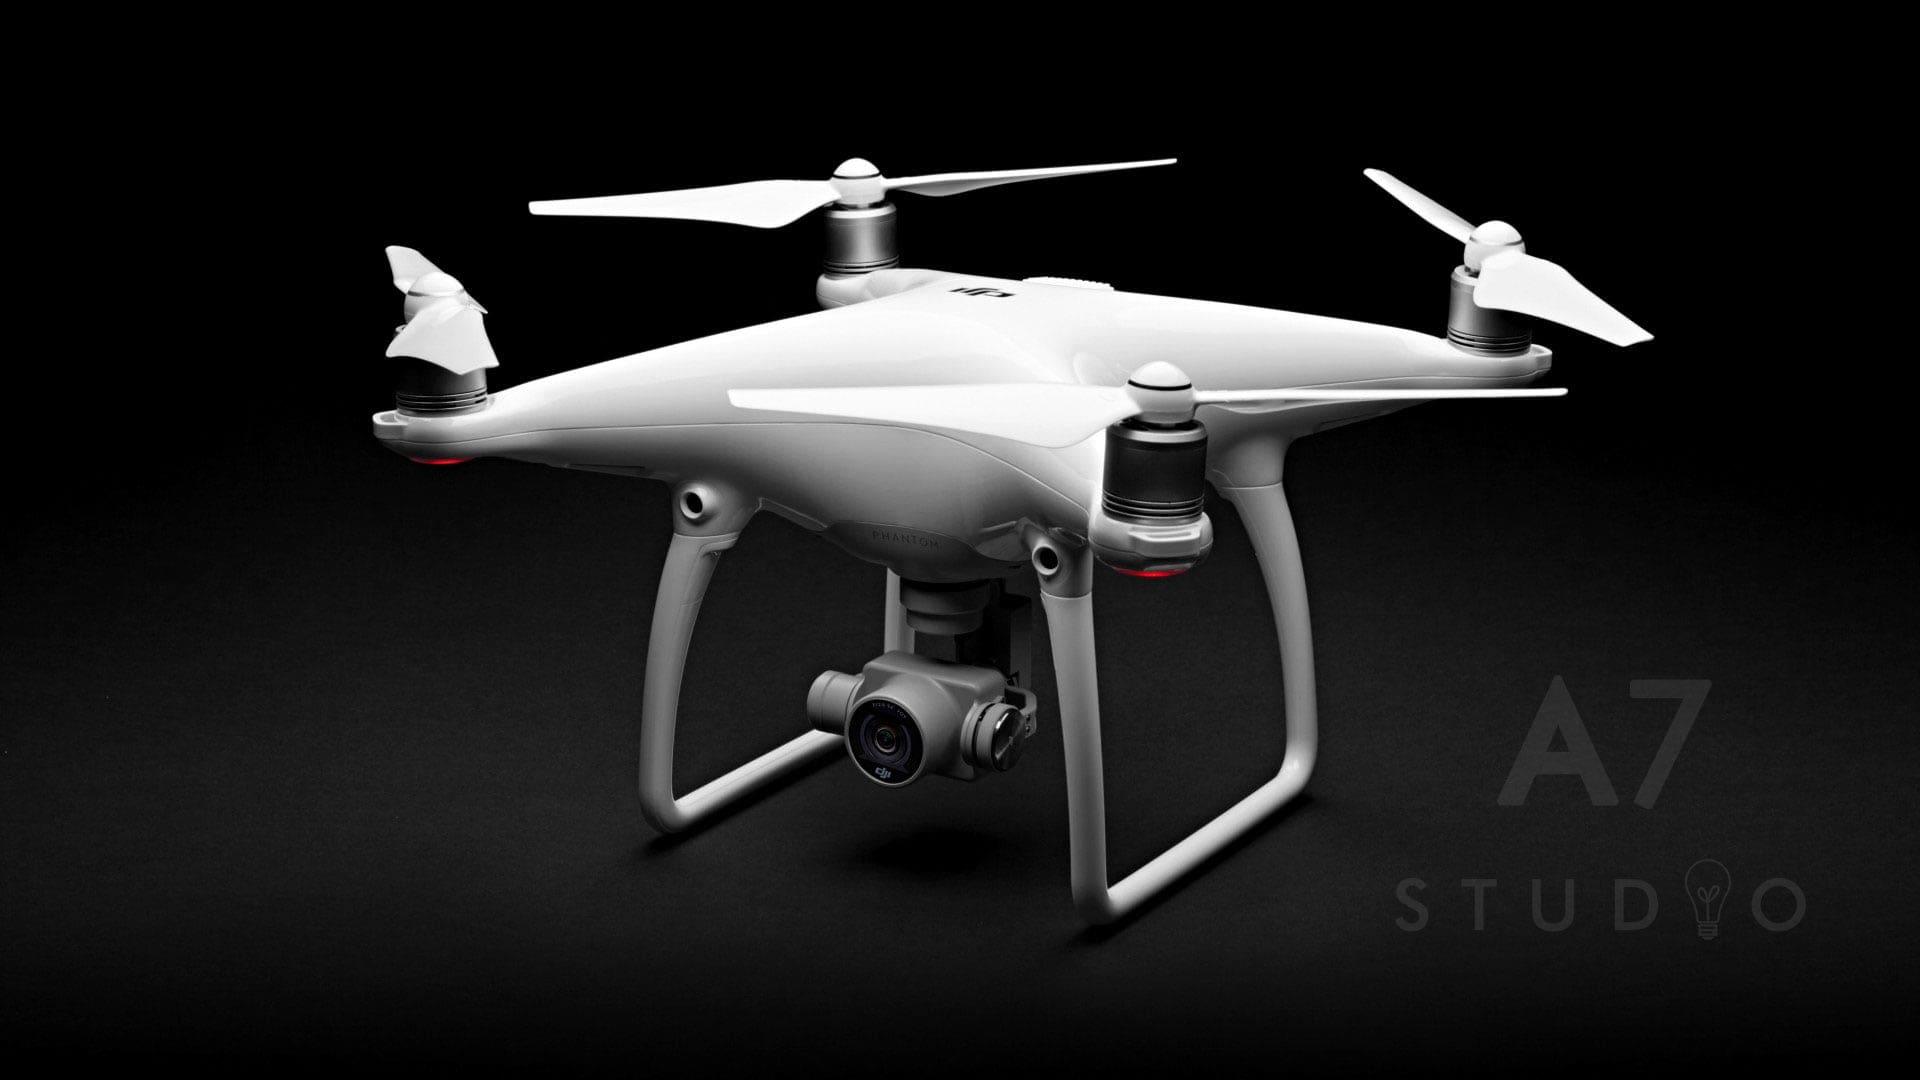 Filmowanie dronem DJI 4 - Studio A7 w Bydgoszczy